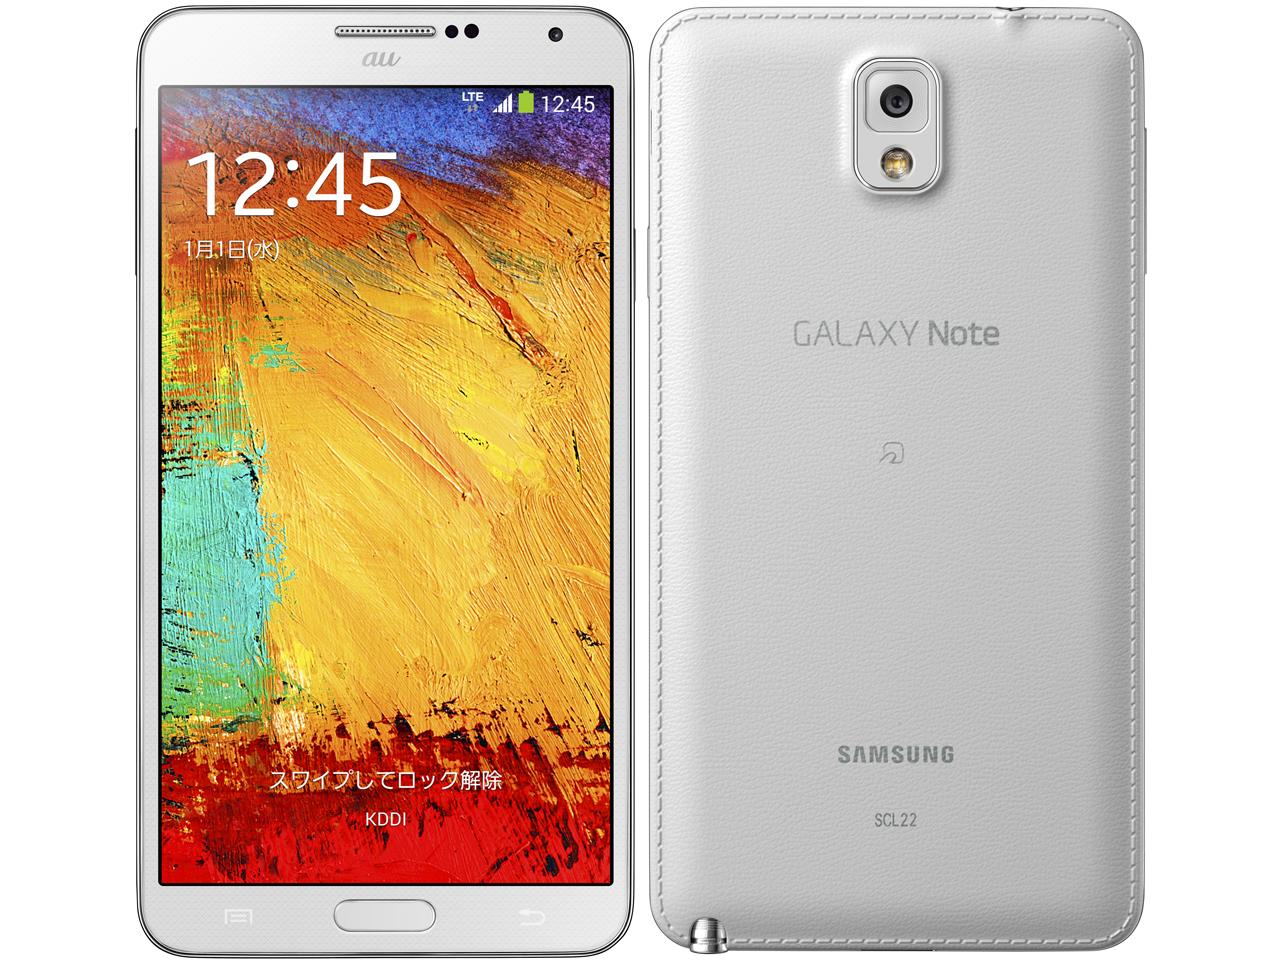 サムスン GALAXY Note 3 製品画像